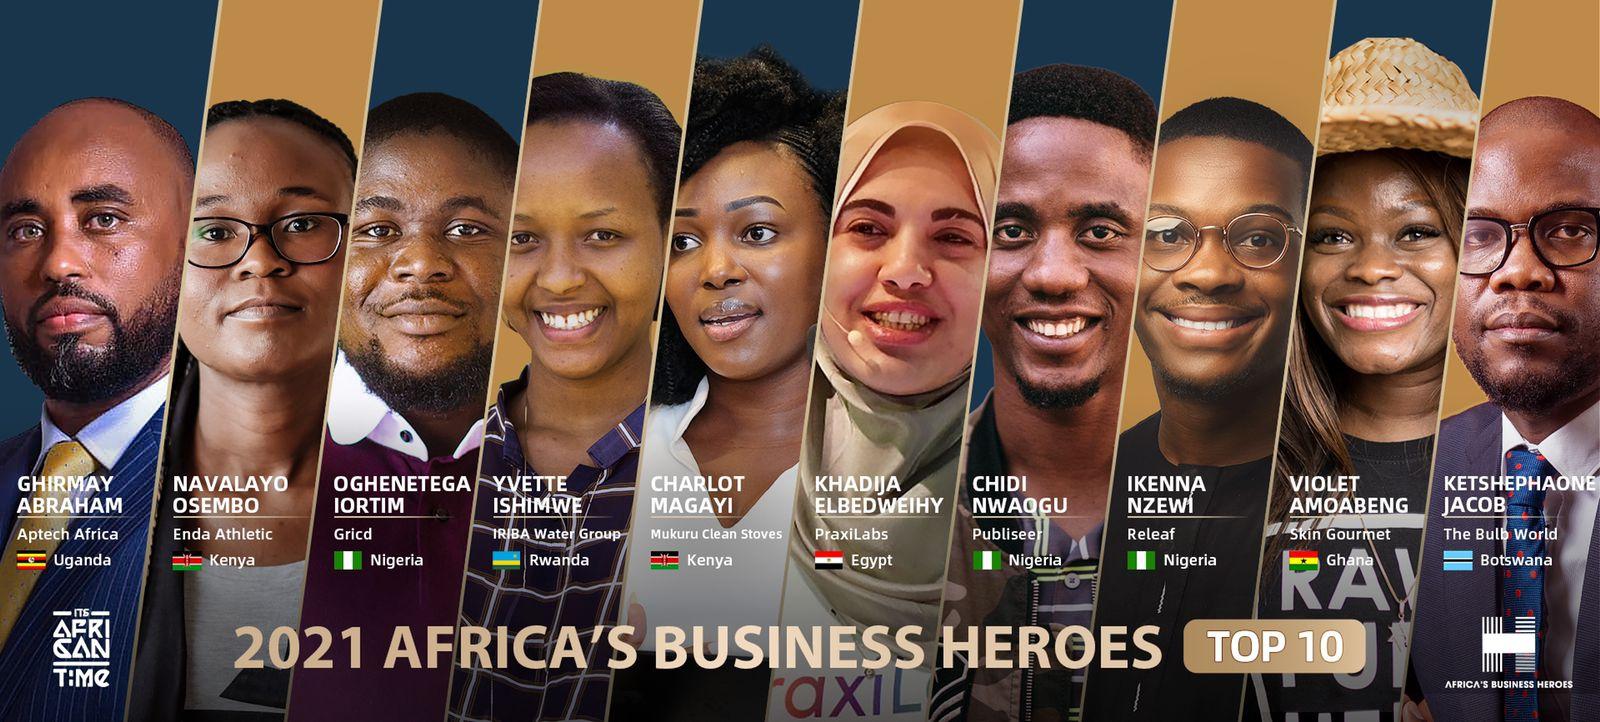 براكسيلابس من بين أفضل 10 مشاريع في افريقيا